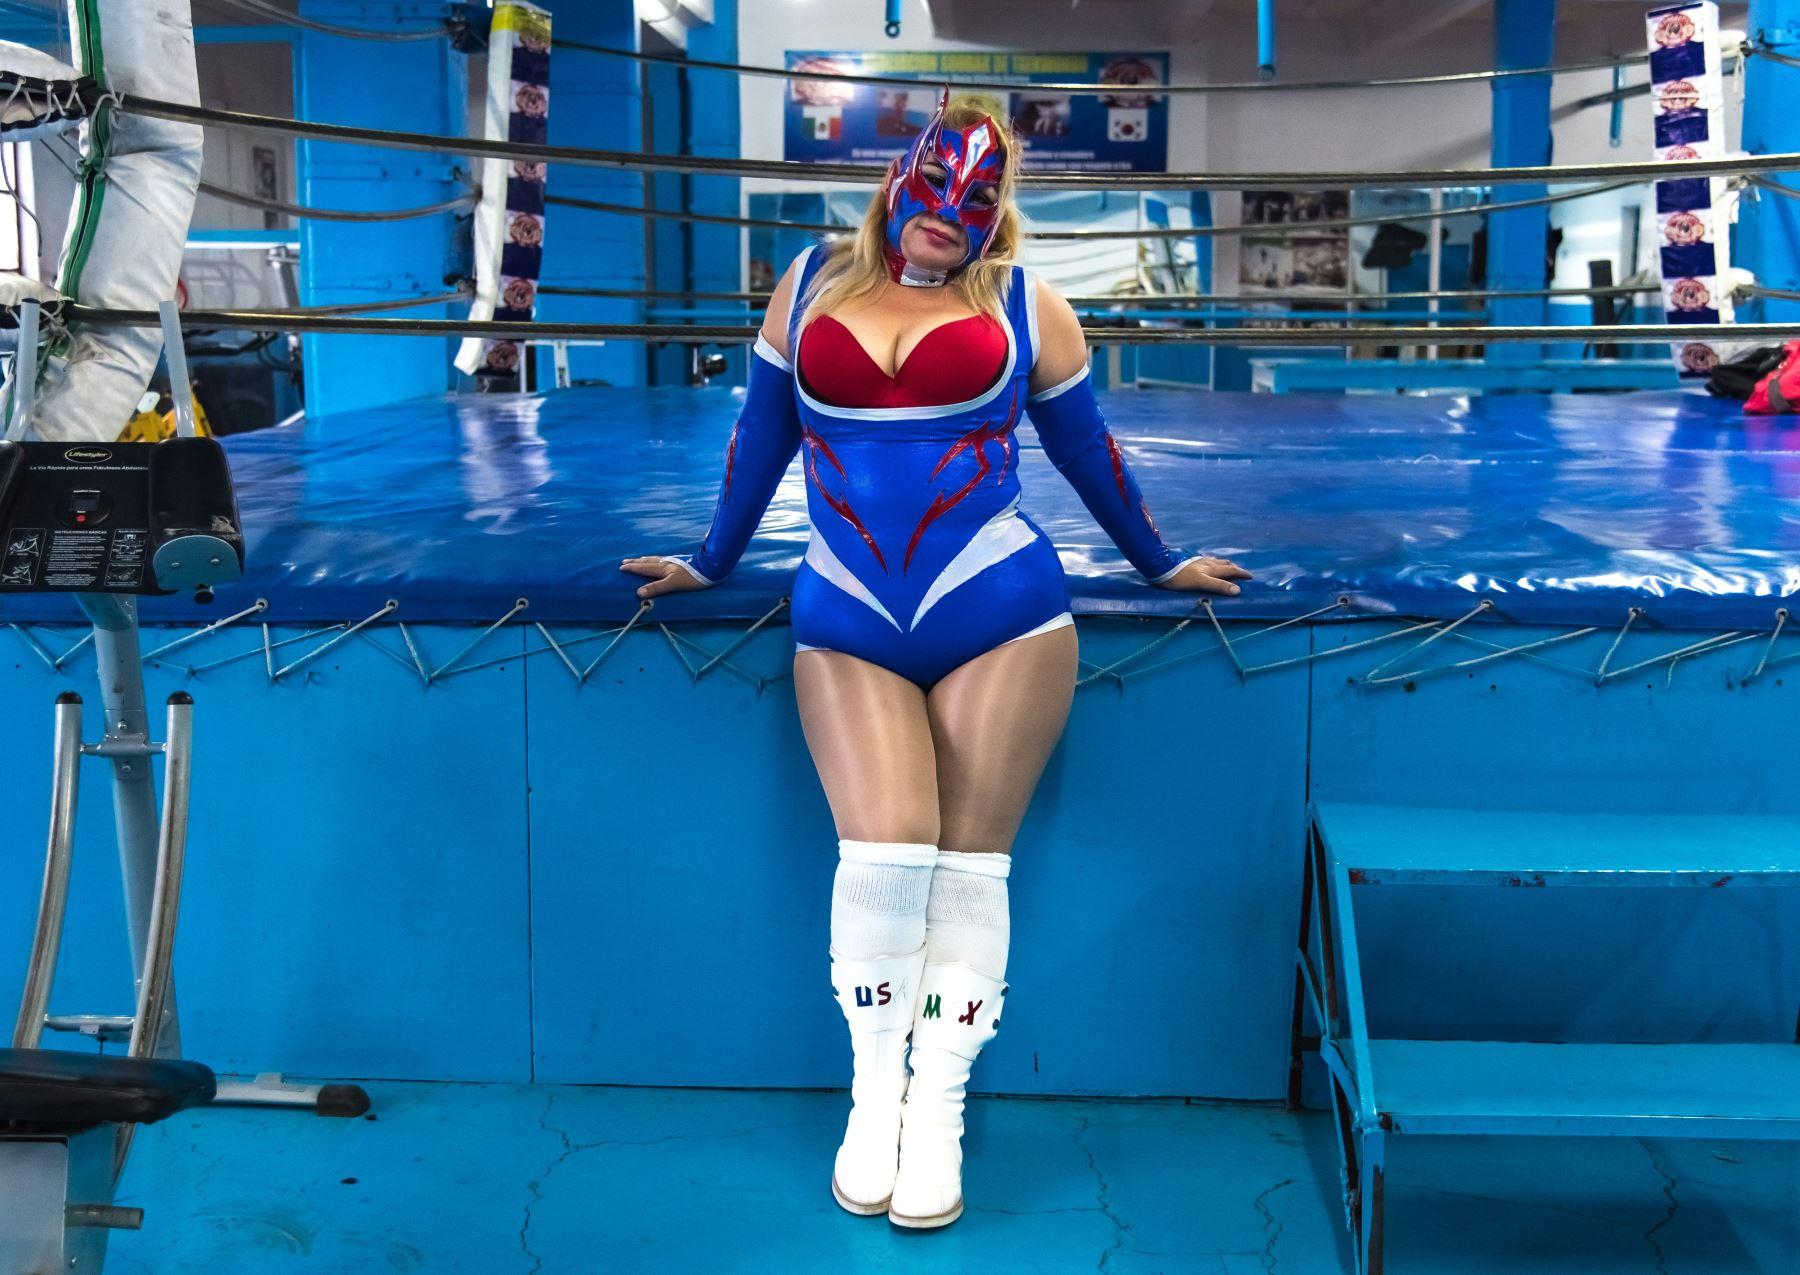 La luchadora profesional Cristal posa para una fotografía en su lugar de entrenamiento en la ciudad de México. Foto: AFP